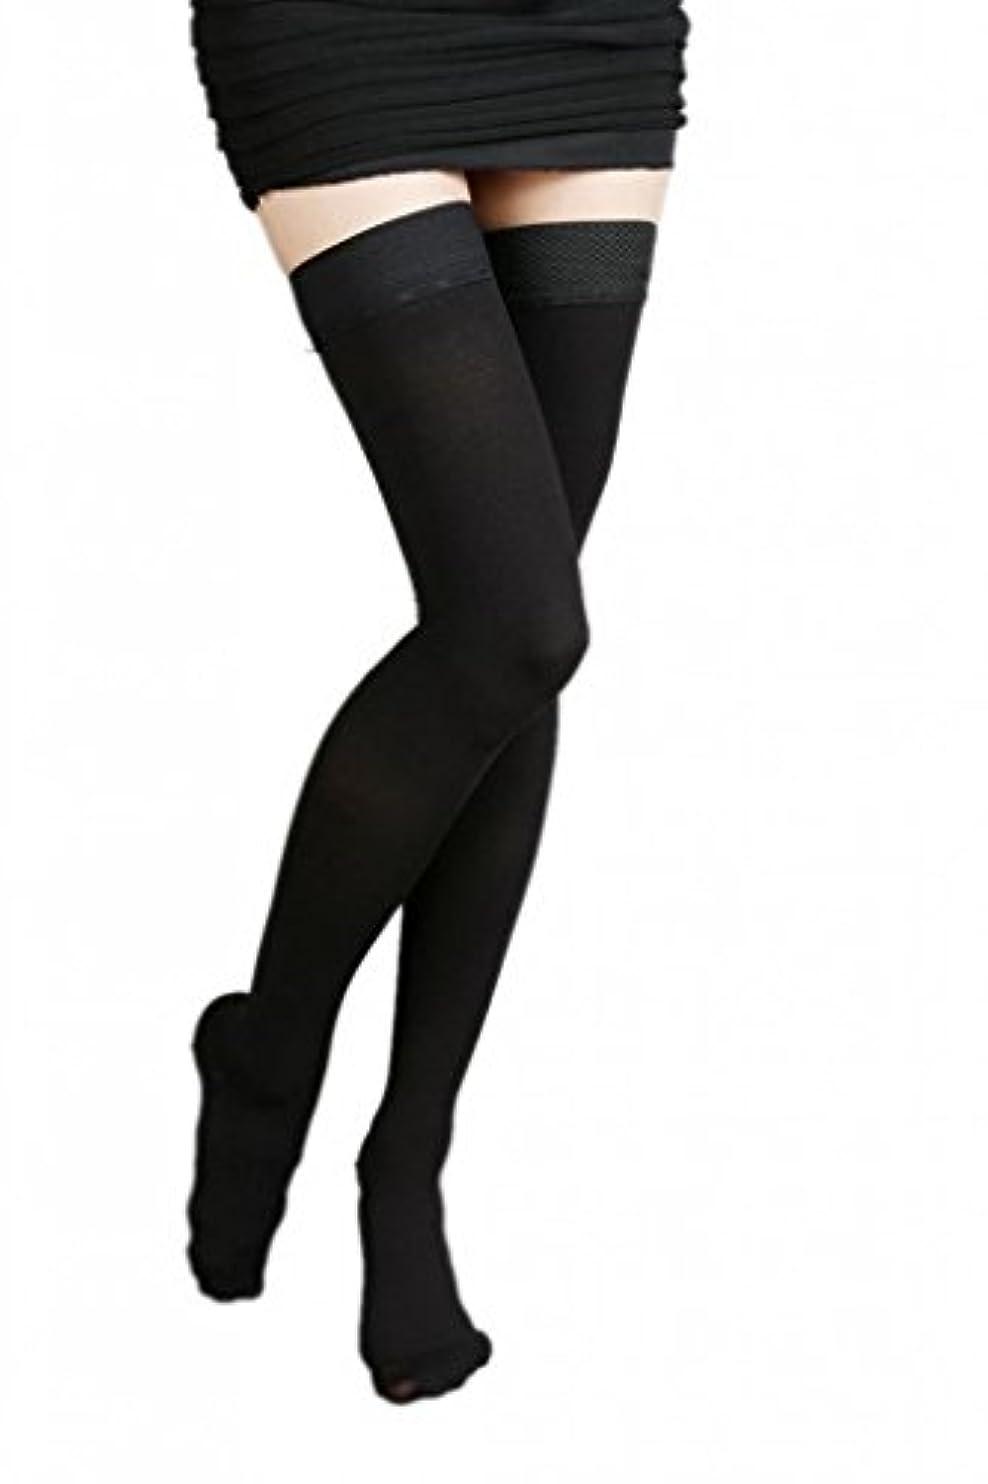 百試験チーフ(ラボーグ)La Vogue 美脚 着圧オーバーニーソックス ハイソックス 靴下 弾性ストッキング つま先あり着圧ソックス S 2級中圧 黒色